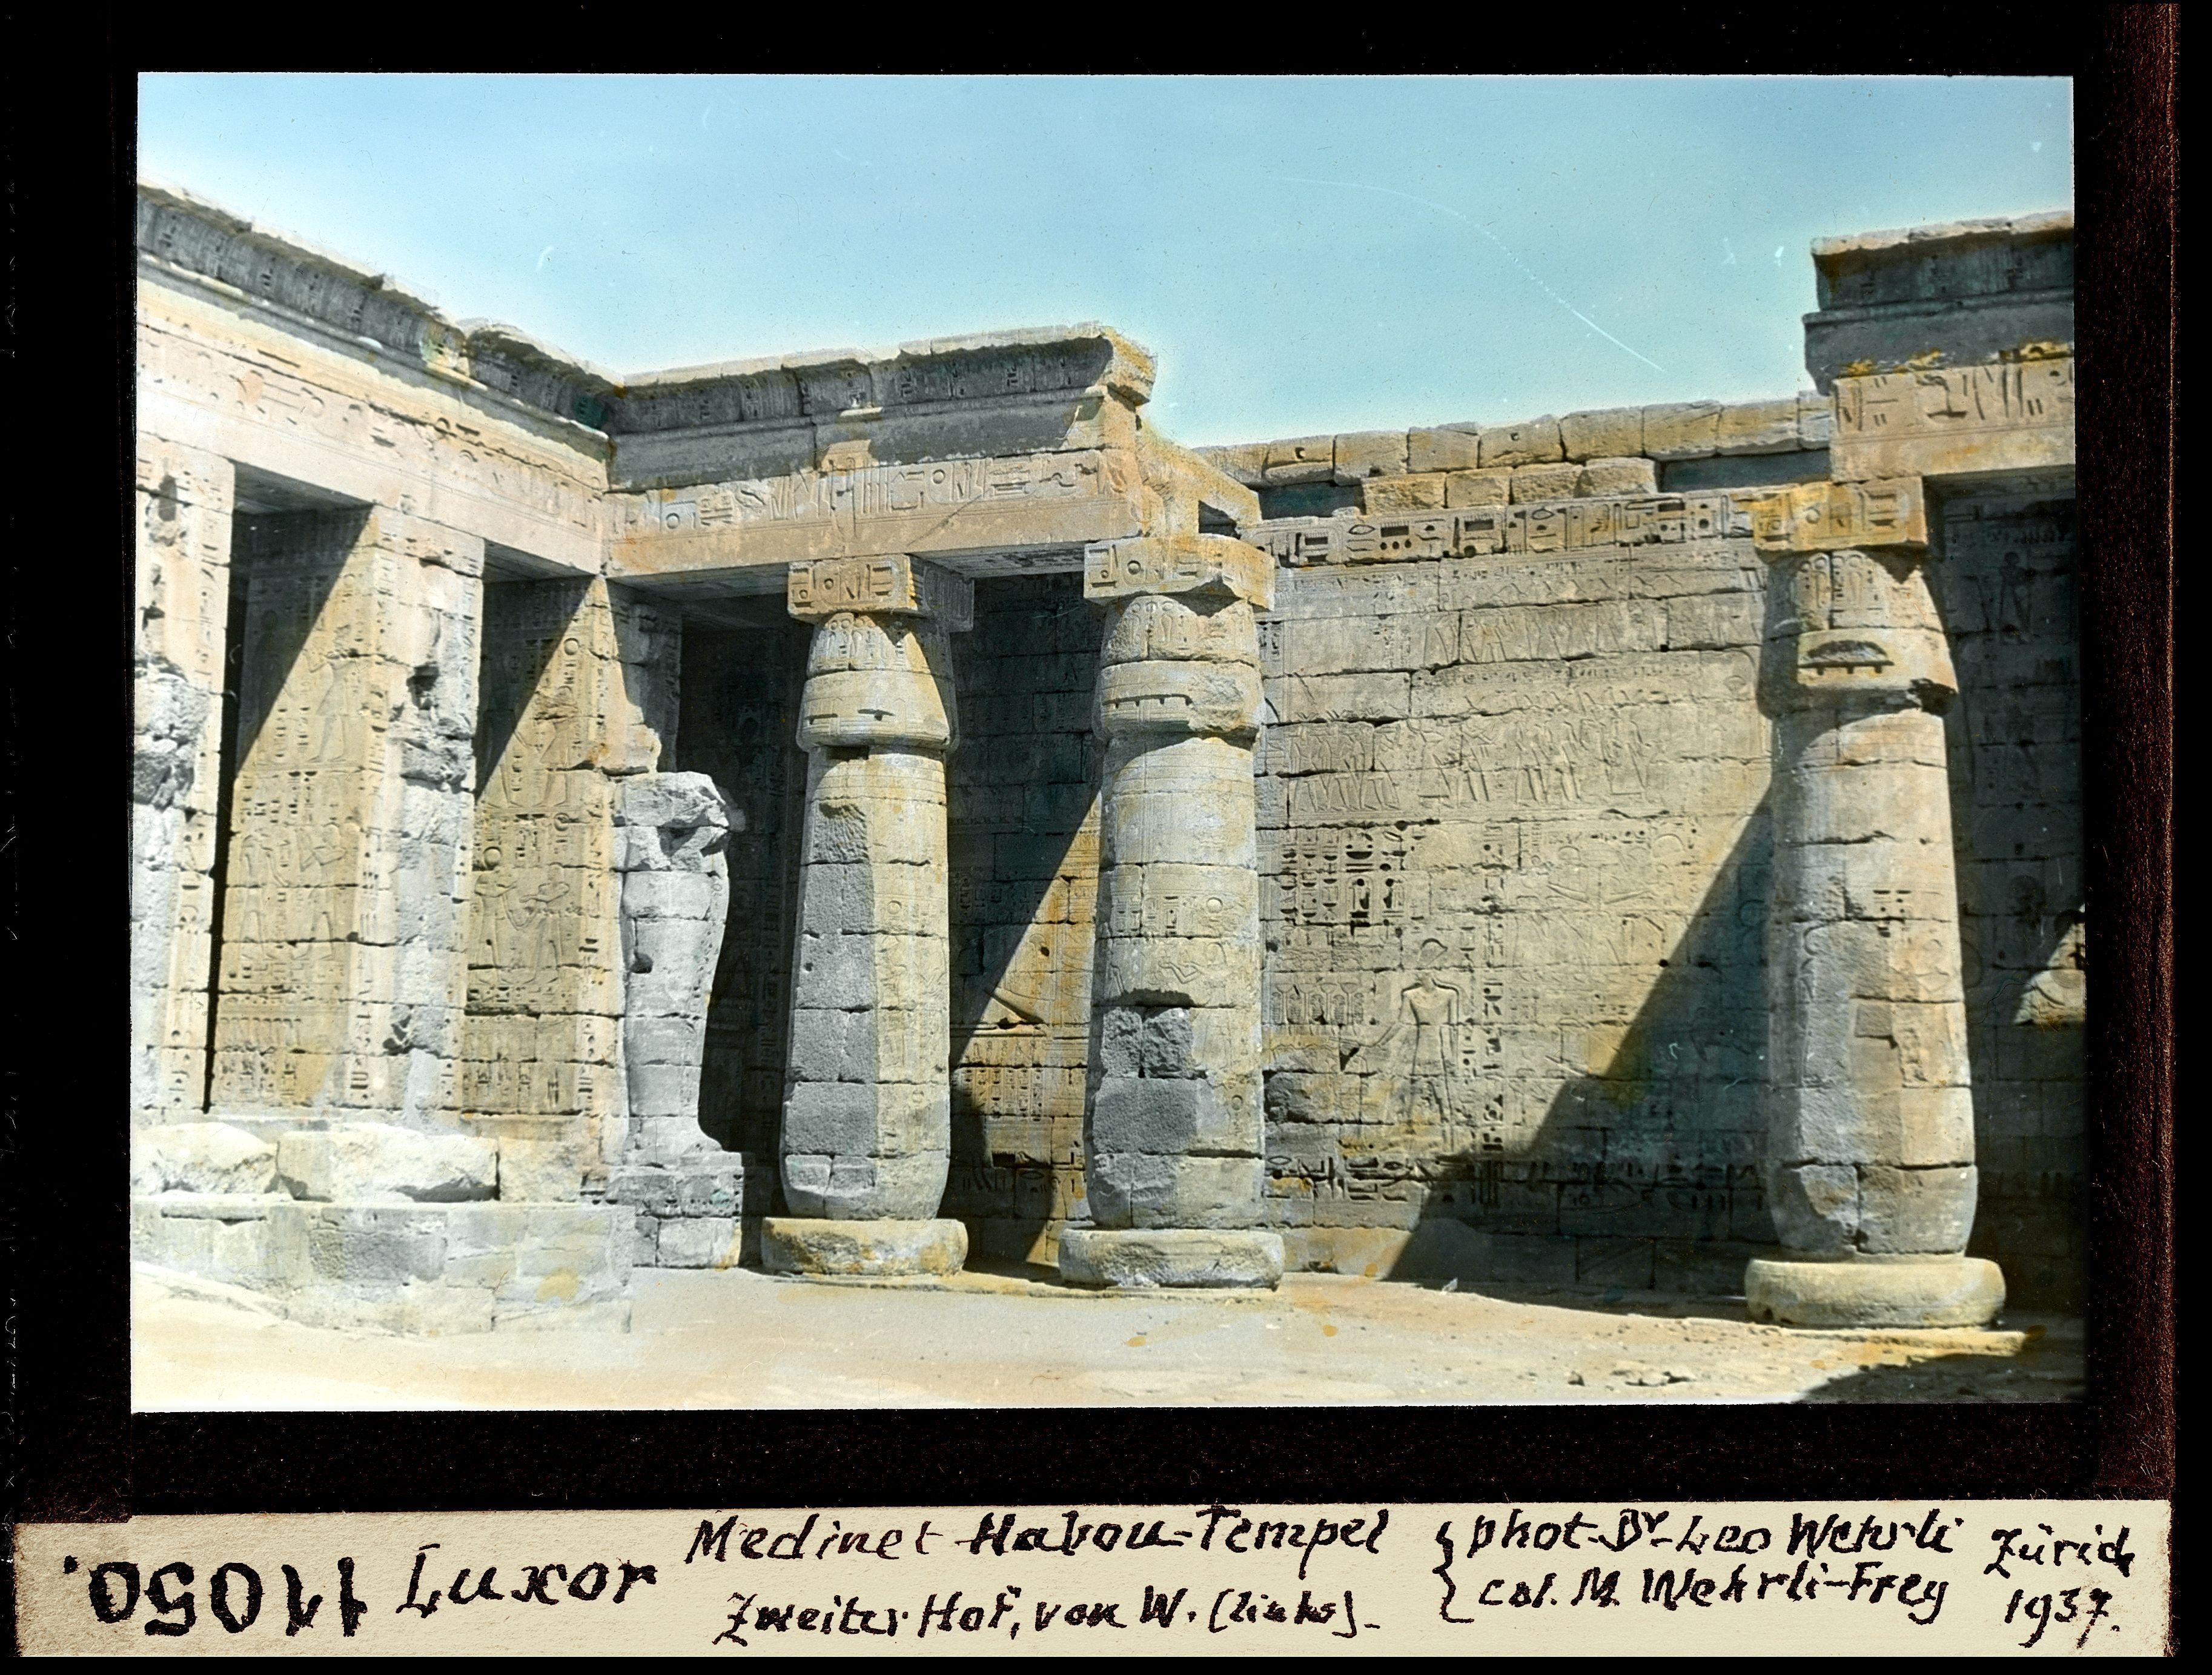 Мединет-Абу. Погребальный храм Рамсеса III. Второй двор, с запада